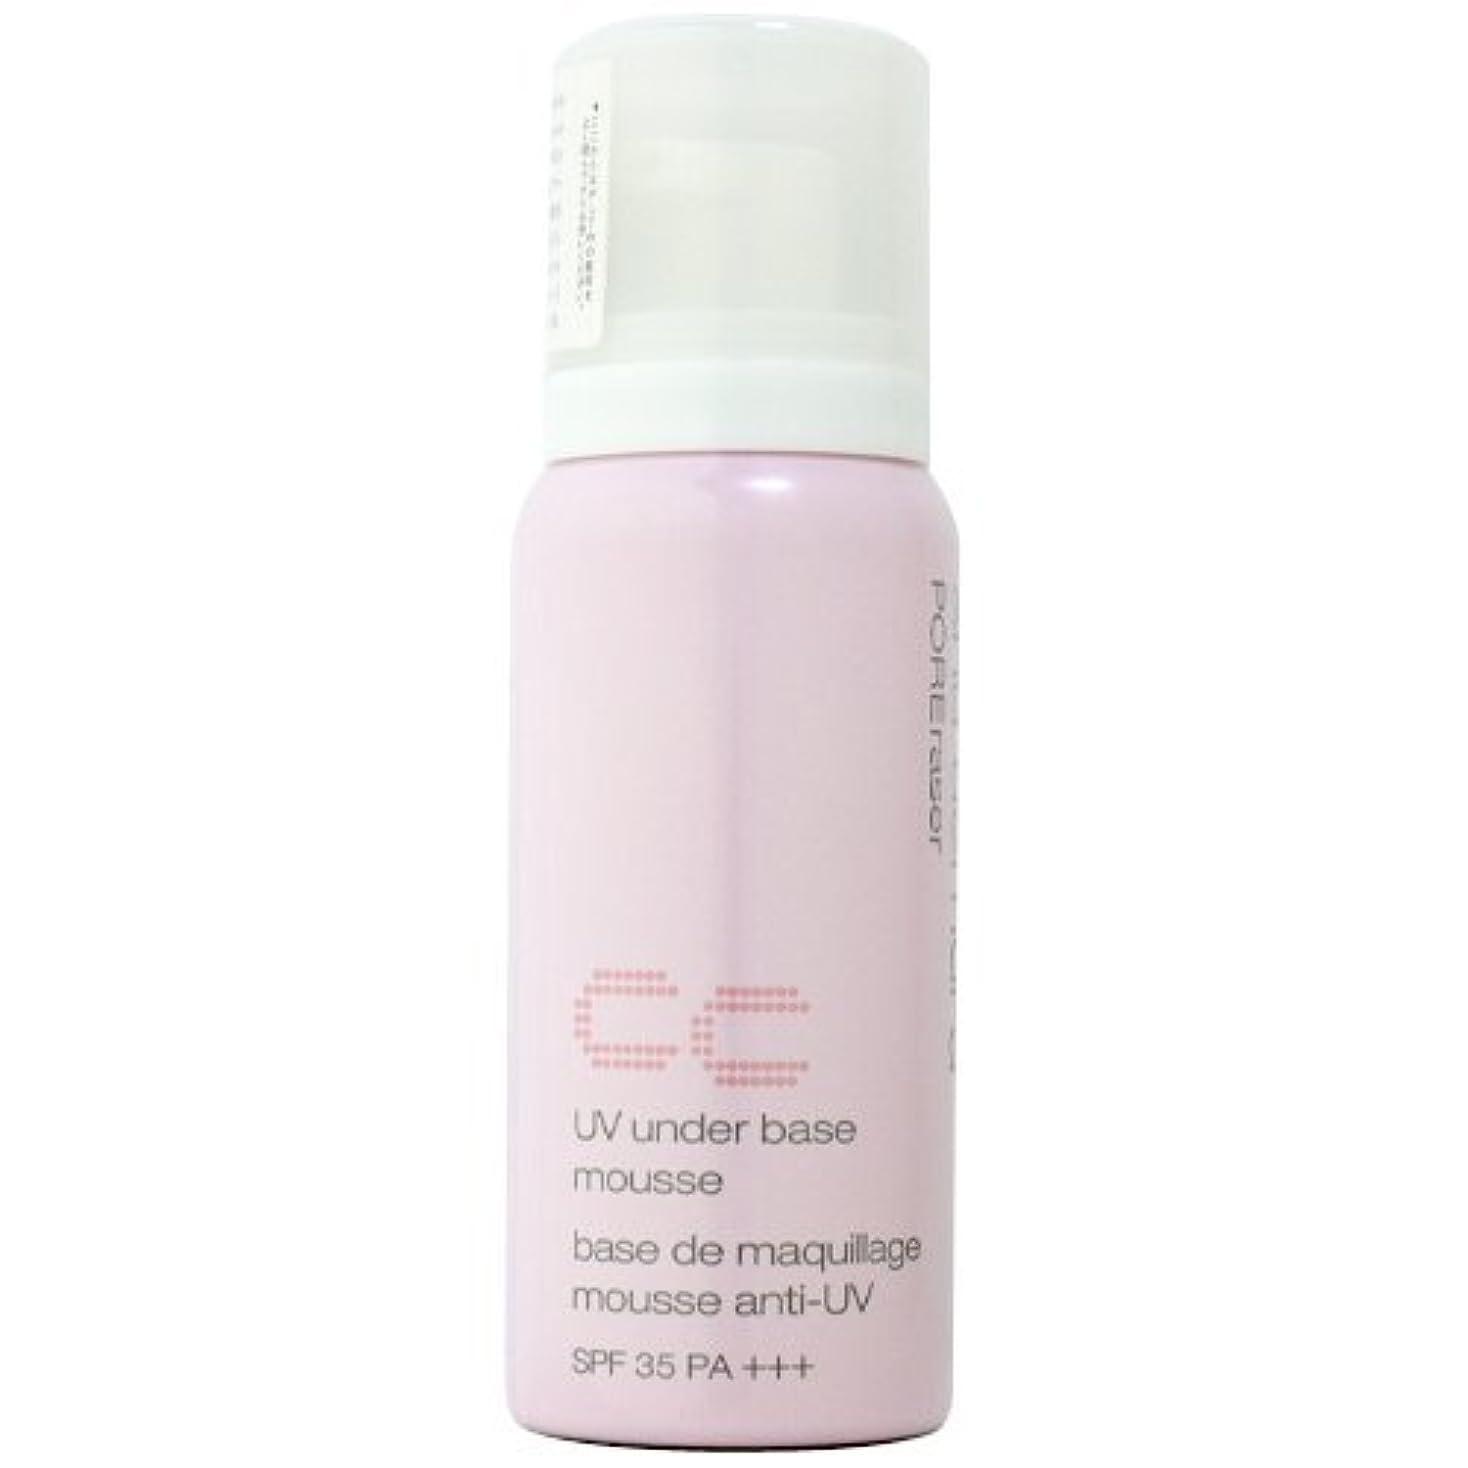 霧深い知り合いになるに慣れシュウ ウエムラ UV アンダーベース ムース CC ピンク